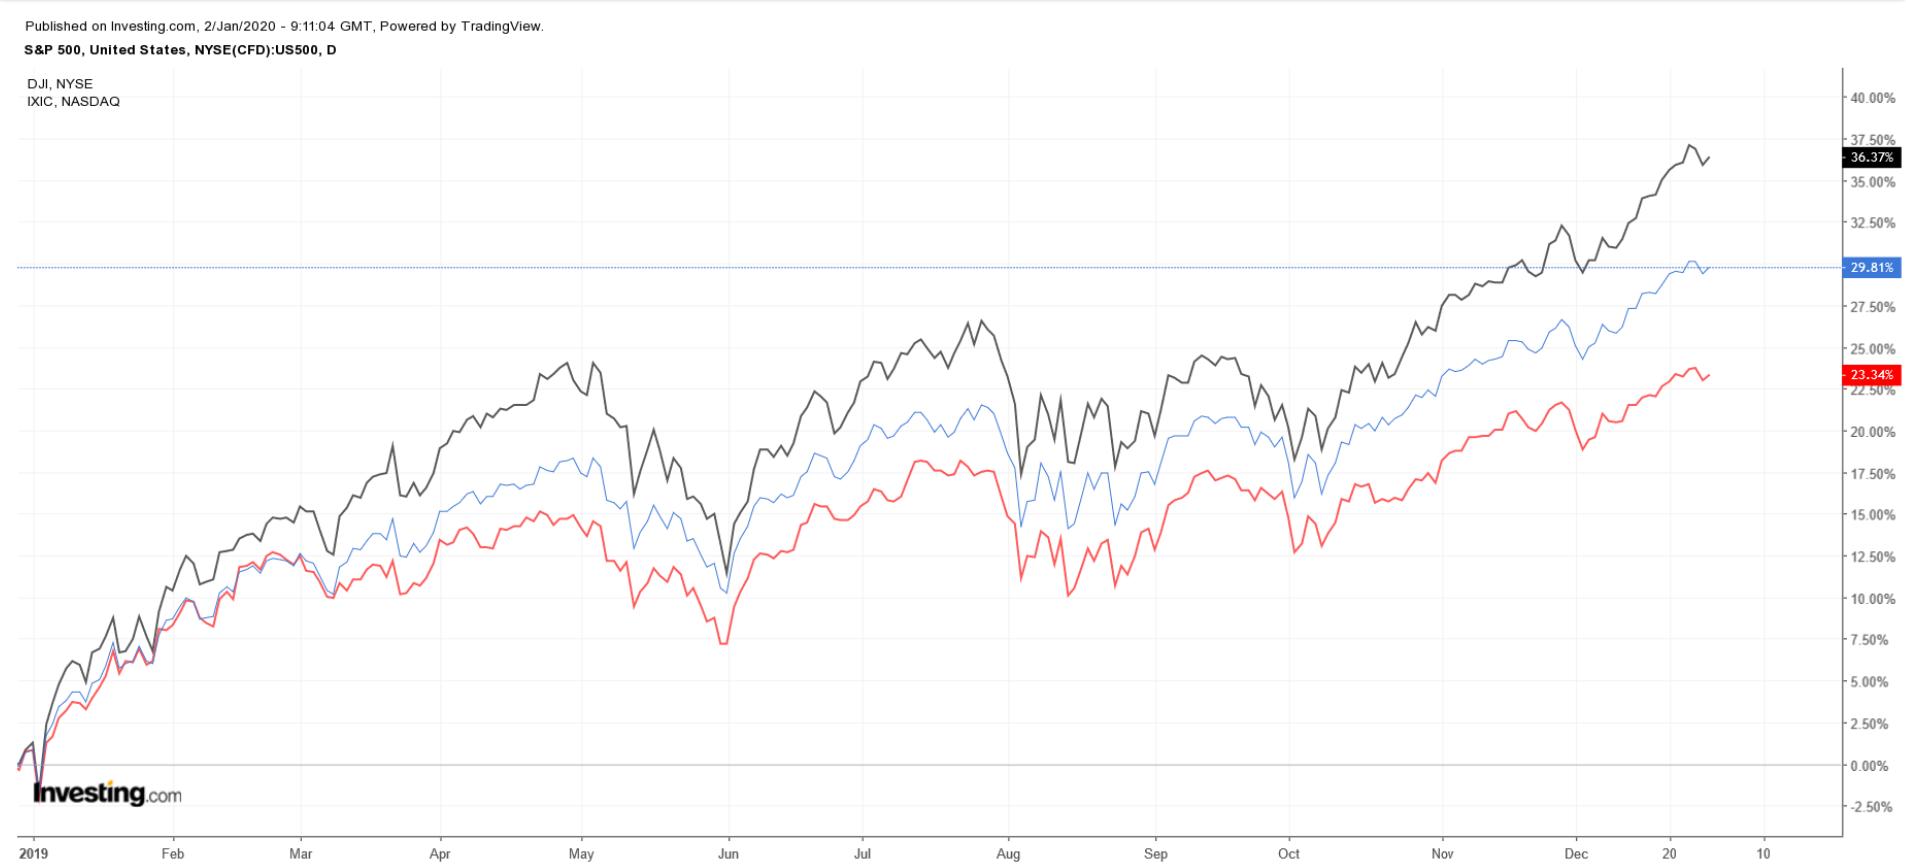 S&P 500, Dow Jones, Nasdaq